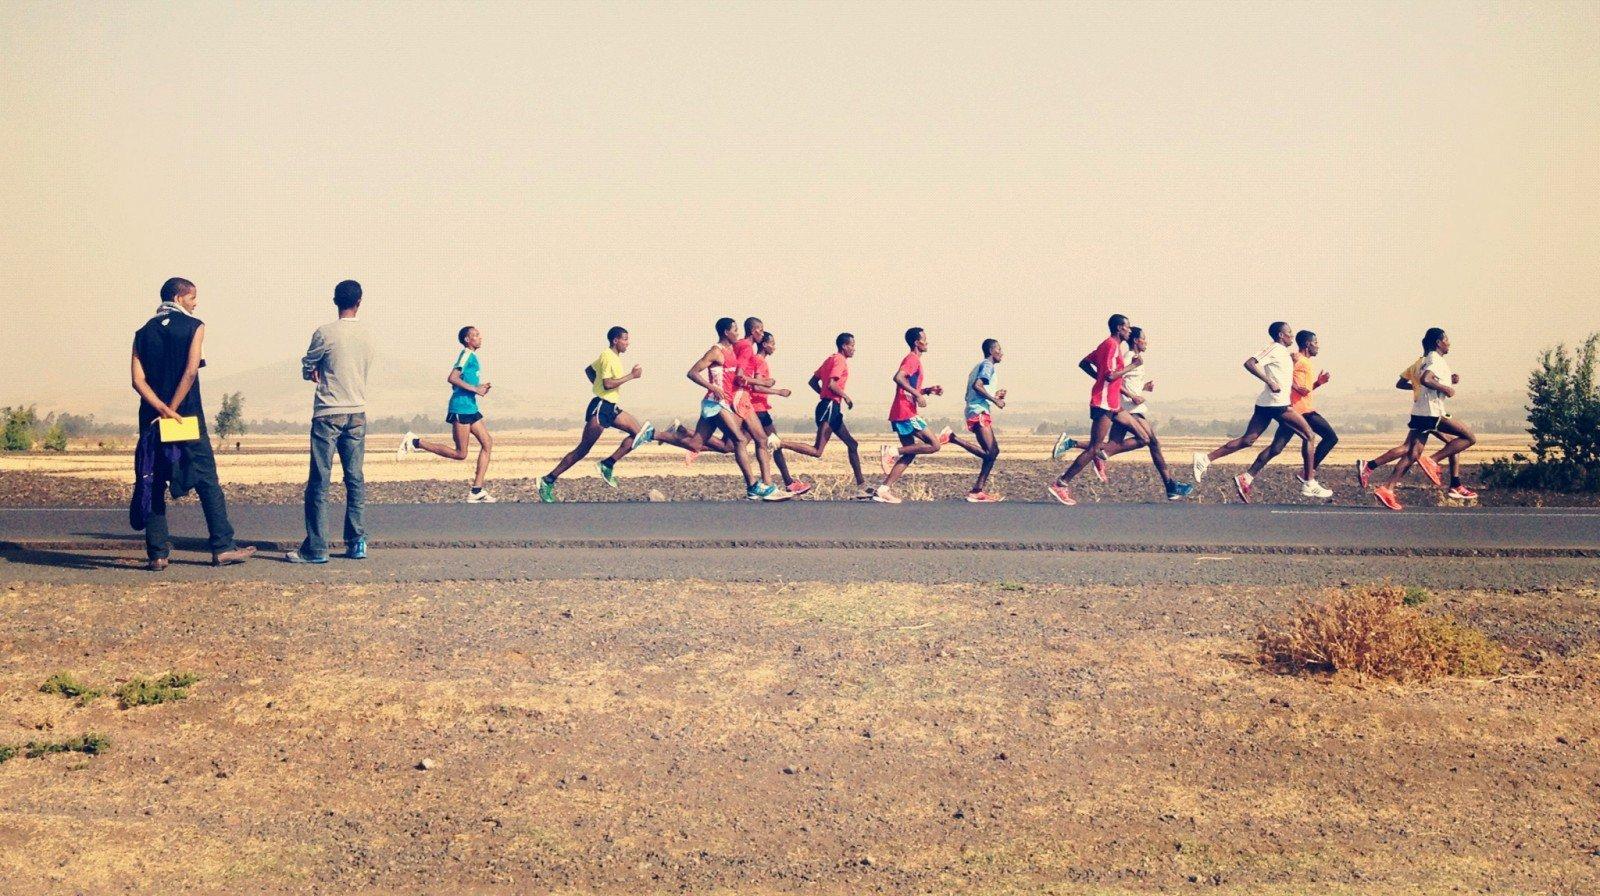 Эфиопия может быть вовлечена в допинг-скандал